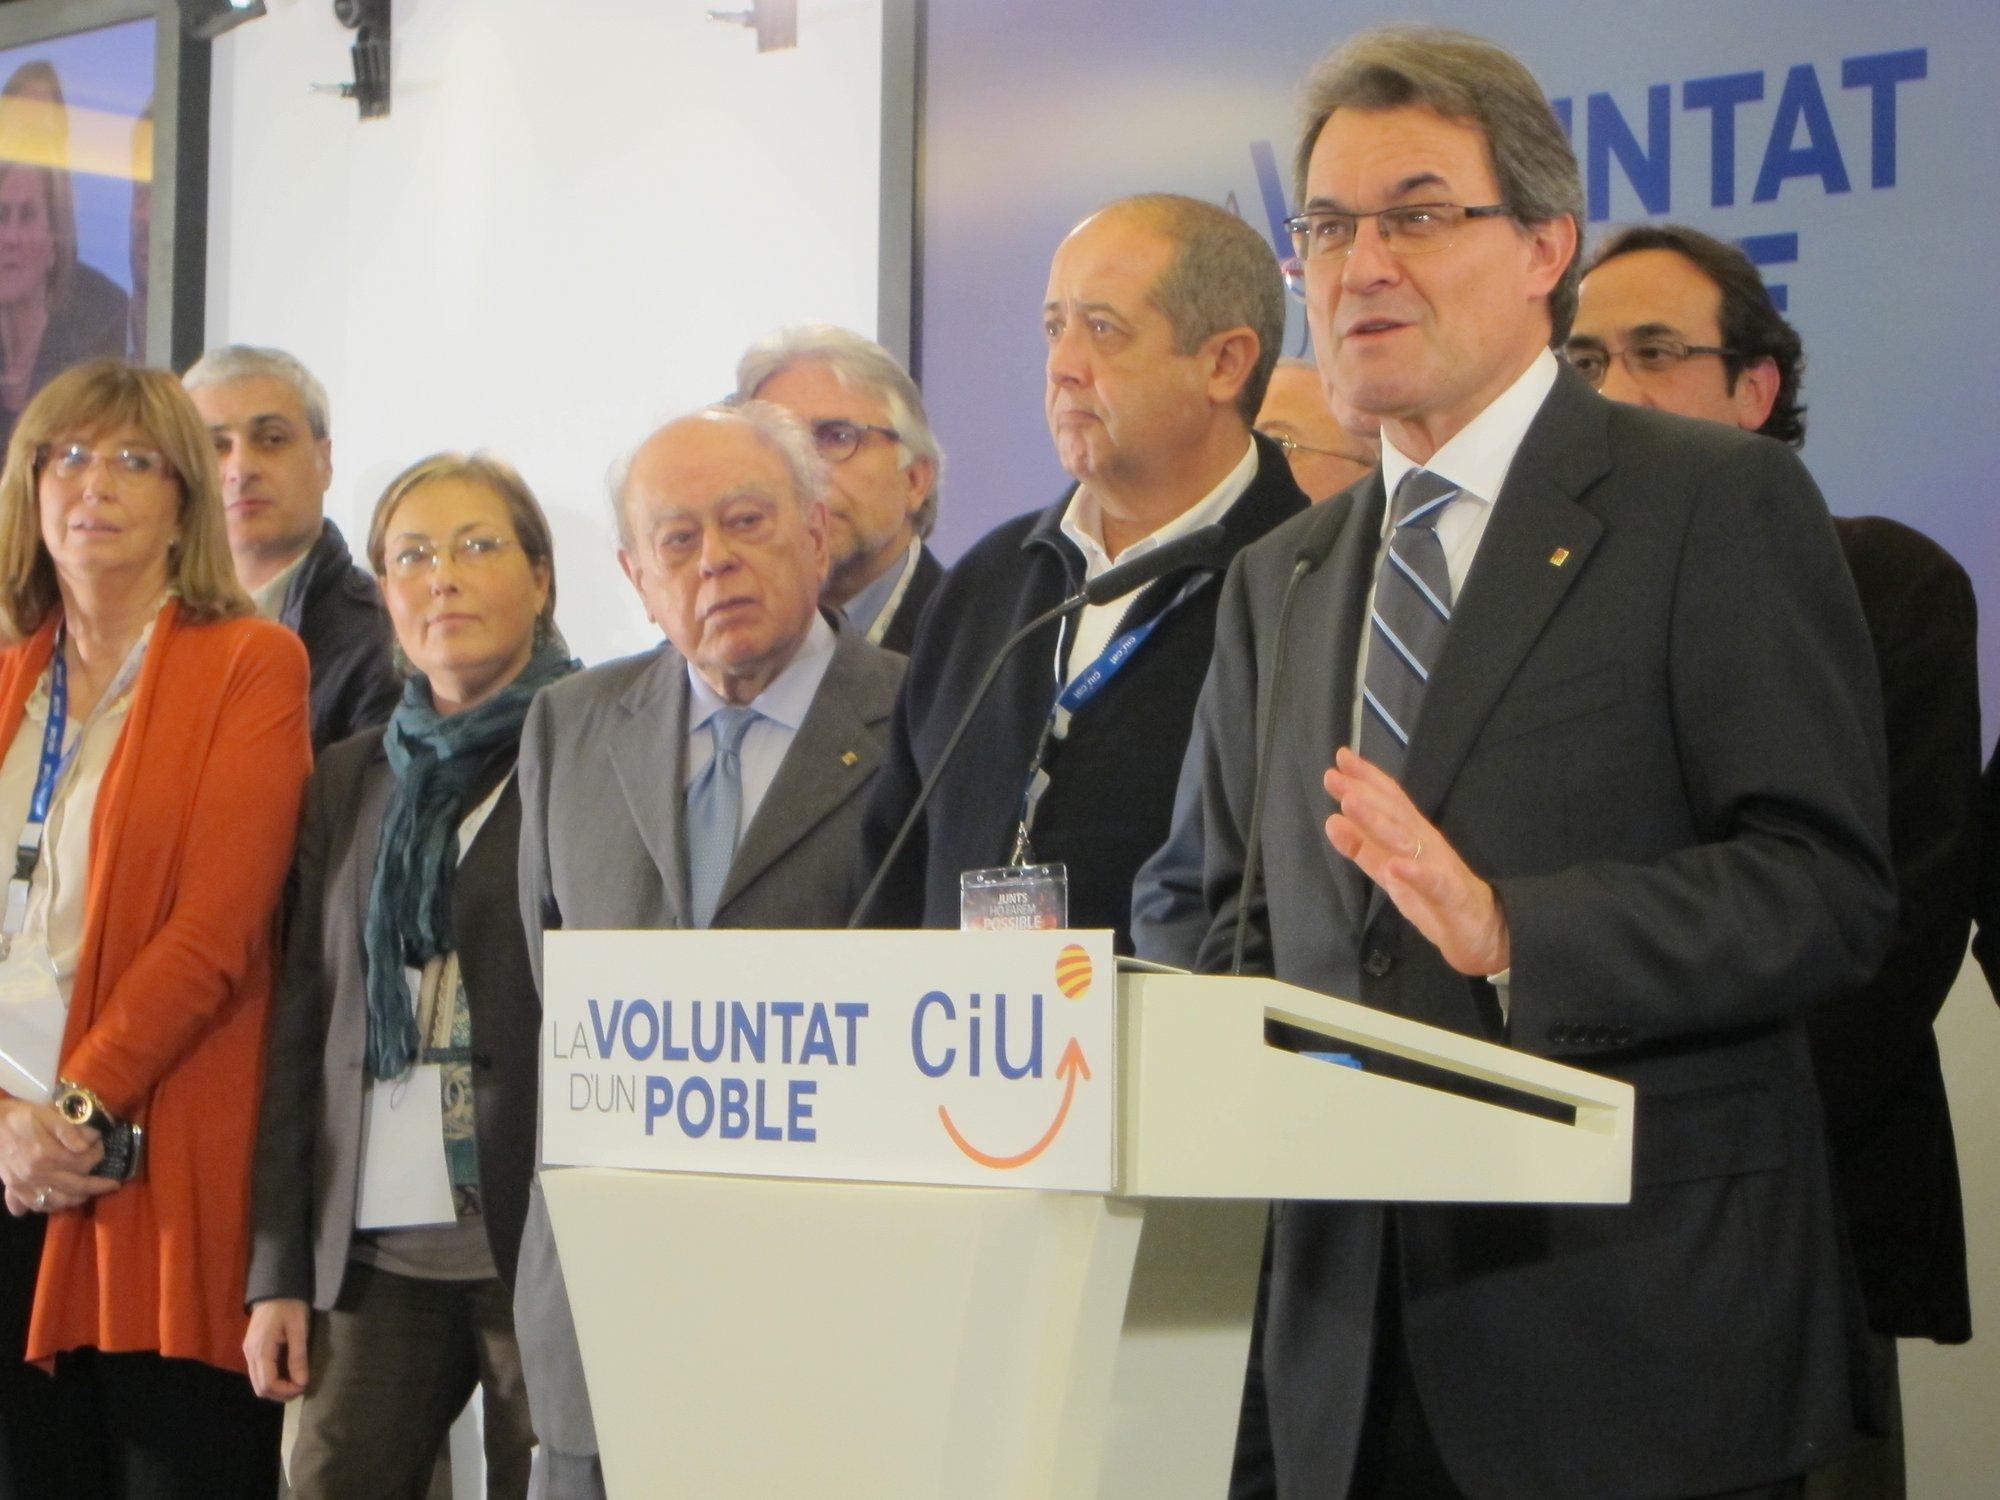 Oriol Pujol niega que las acusaciones de corrupción hayan influido en su resultado de CiU